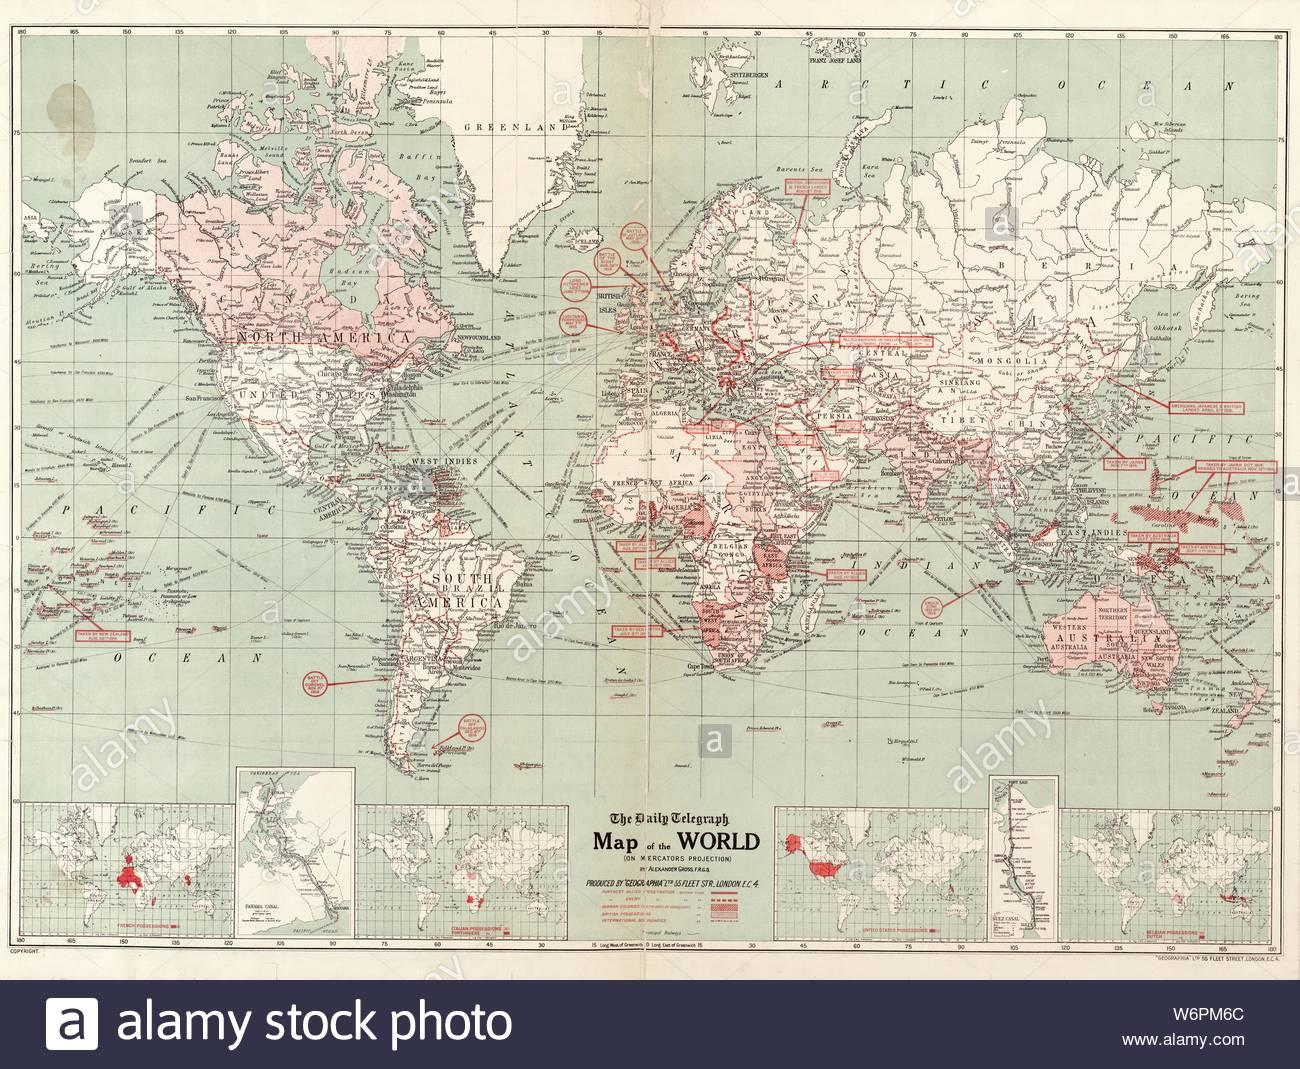 Istrien Karte Zum Ausdrucken.Hq Druckbar Stockfotos Hq Druckbar Bilder Alamy